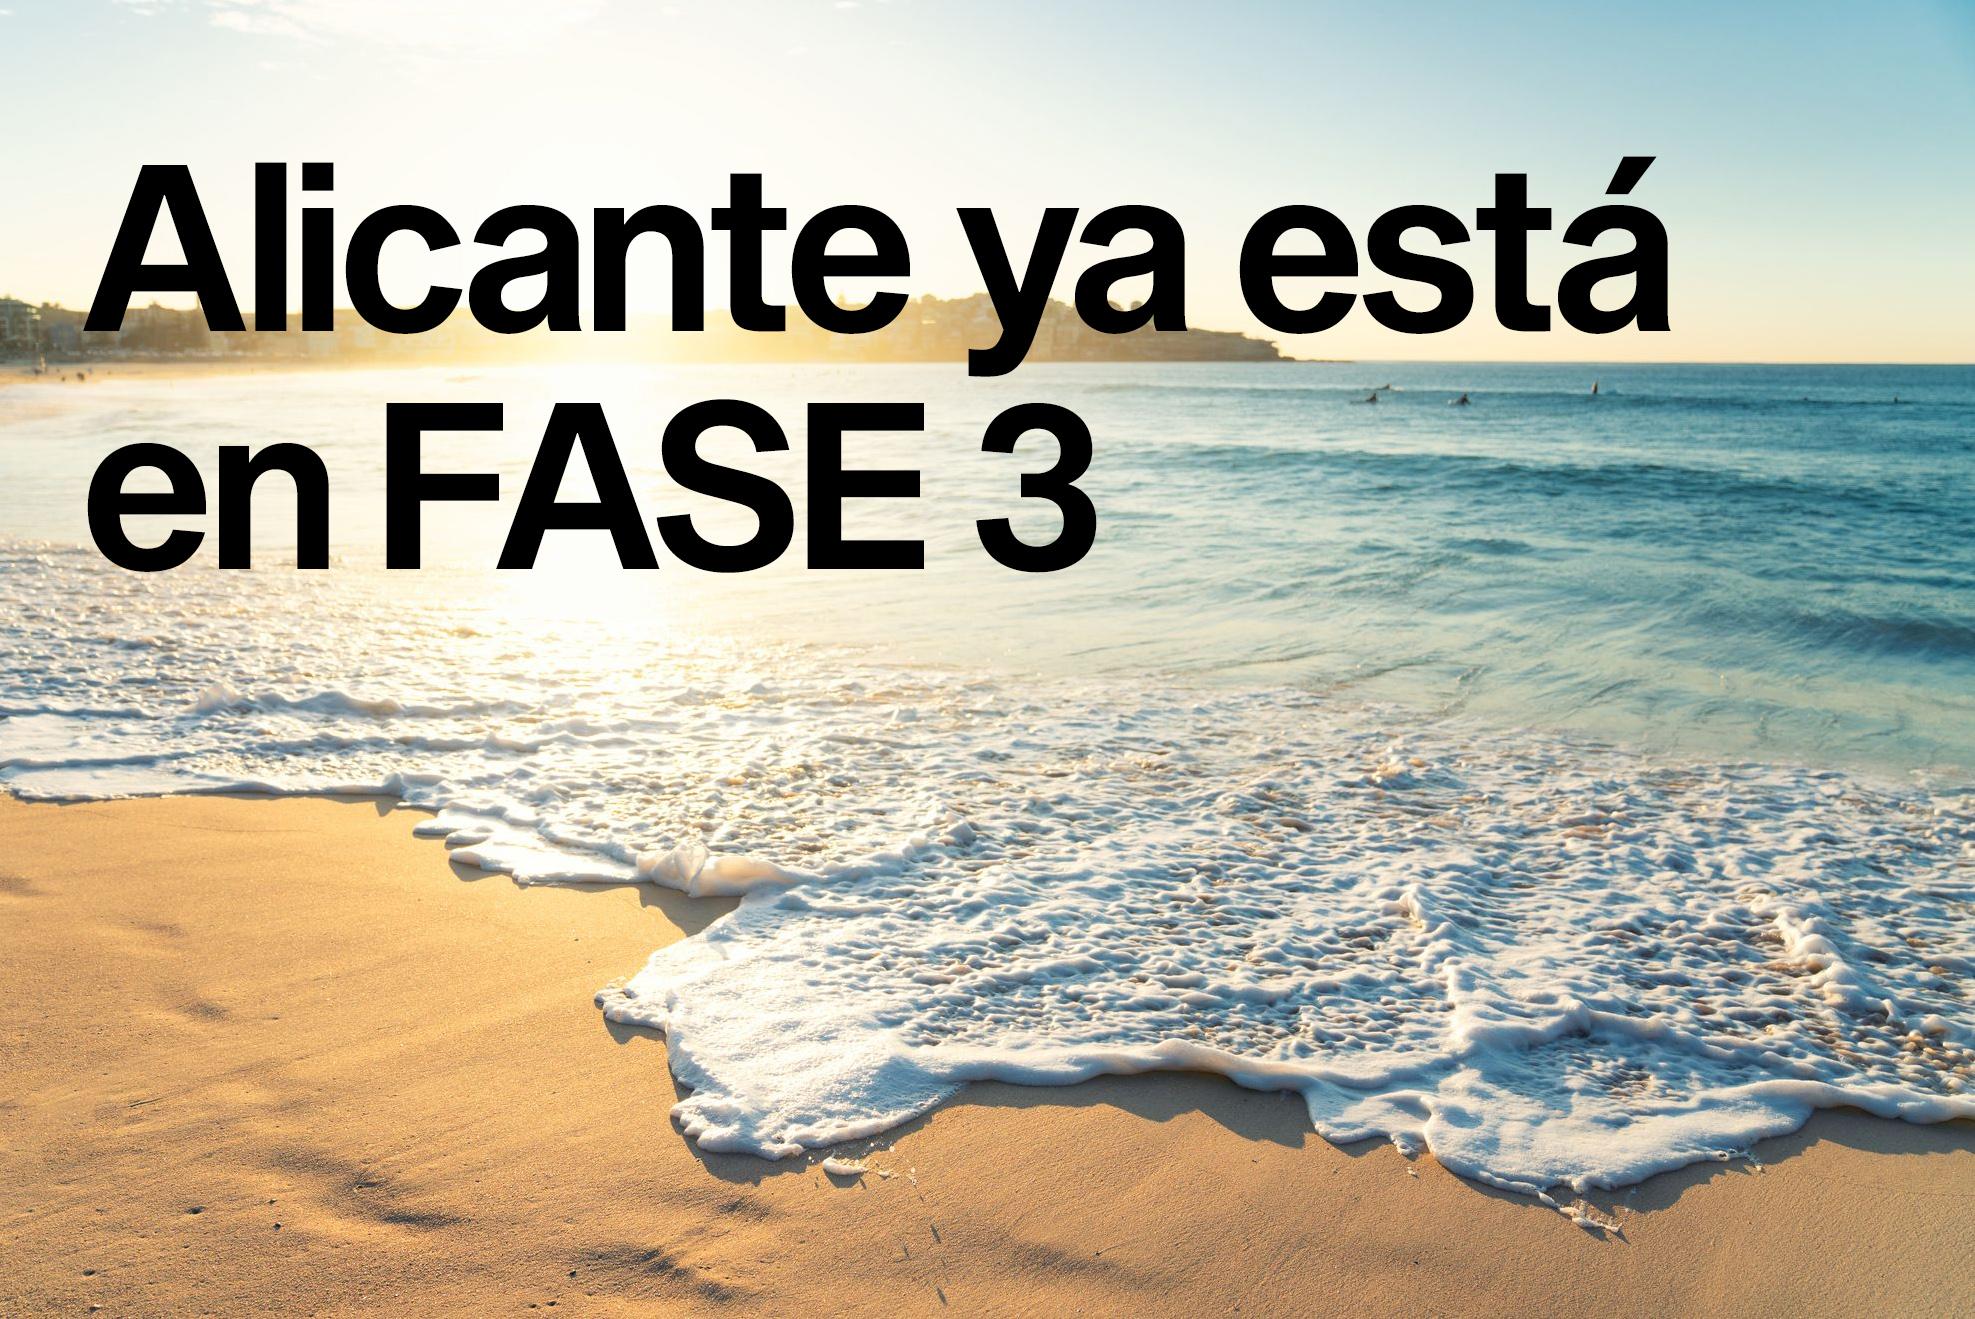 Alicante ya está en Fase 3: ¿qué se puede hacer?